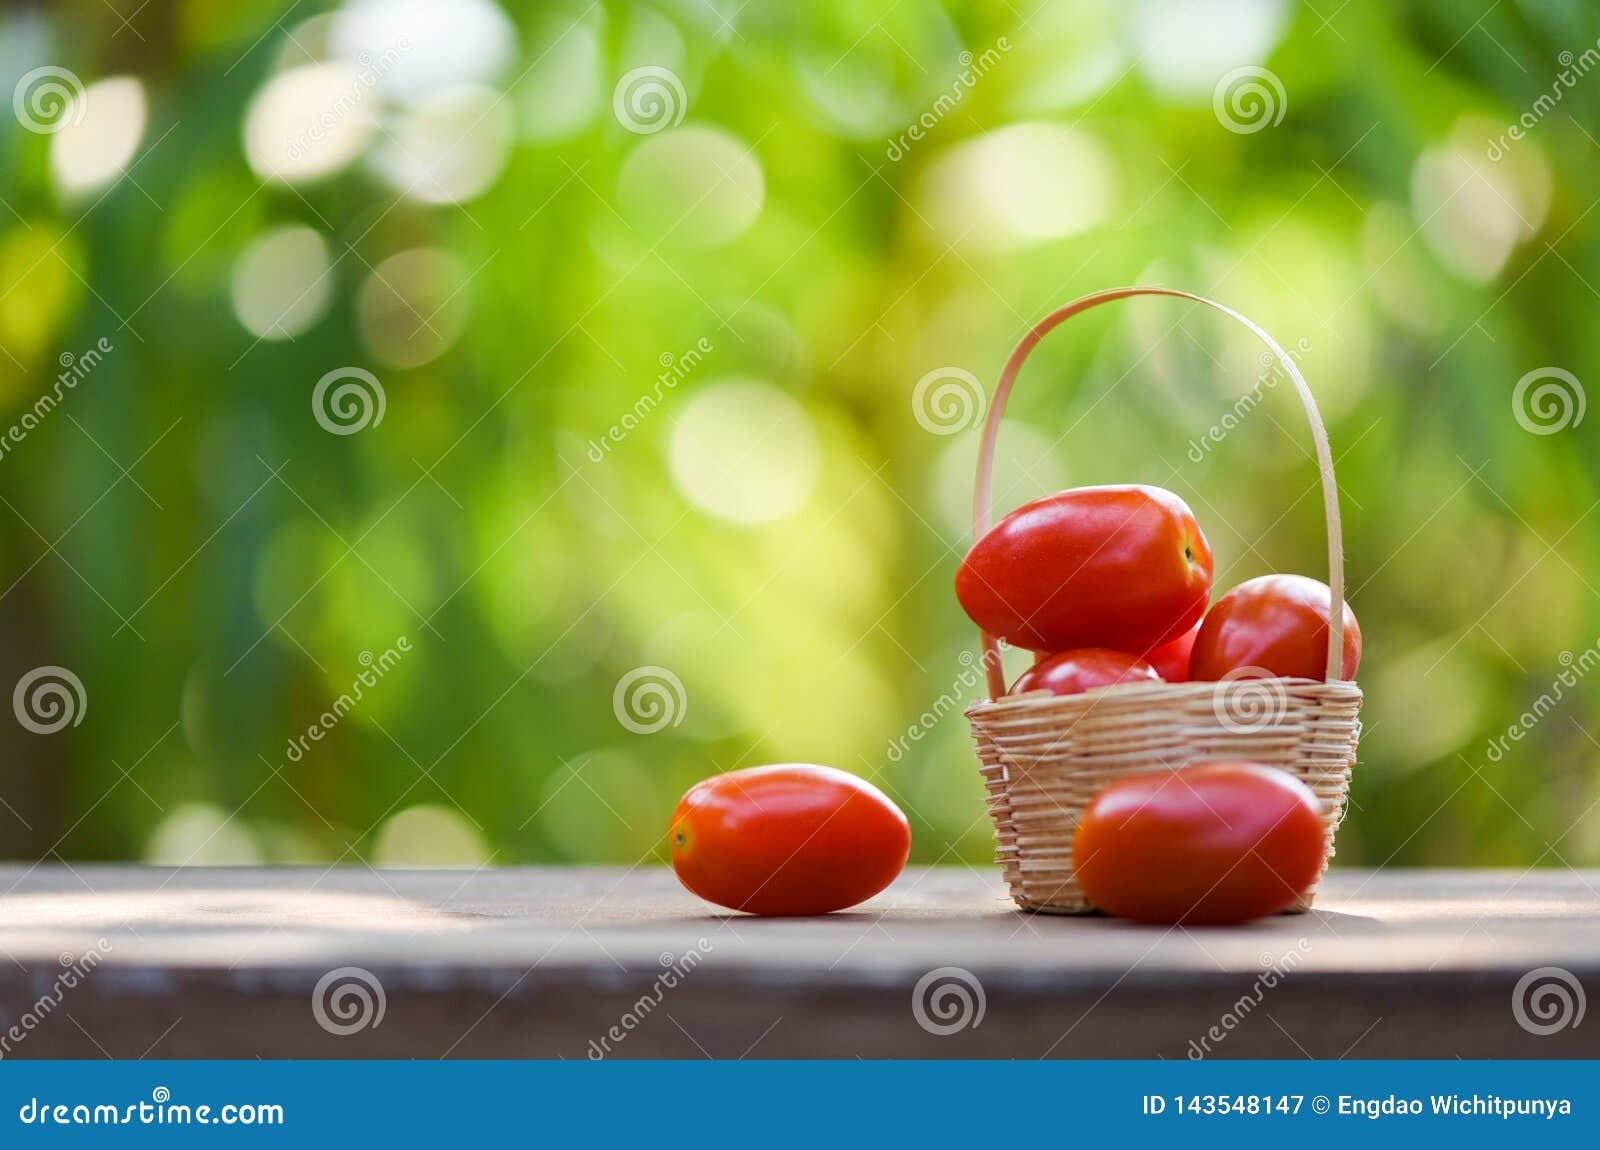 Frisches TomatenBeerenobst im Korb auf hölzernem und Naturgrünhintergrund